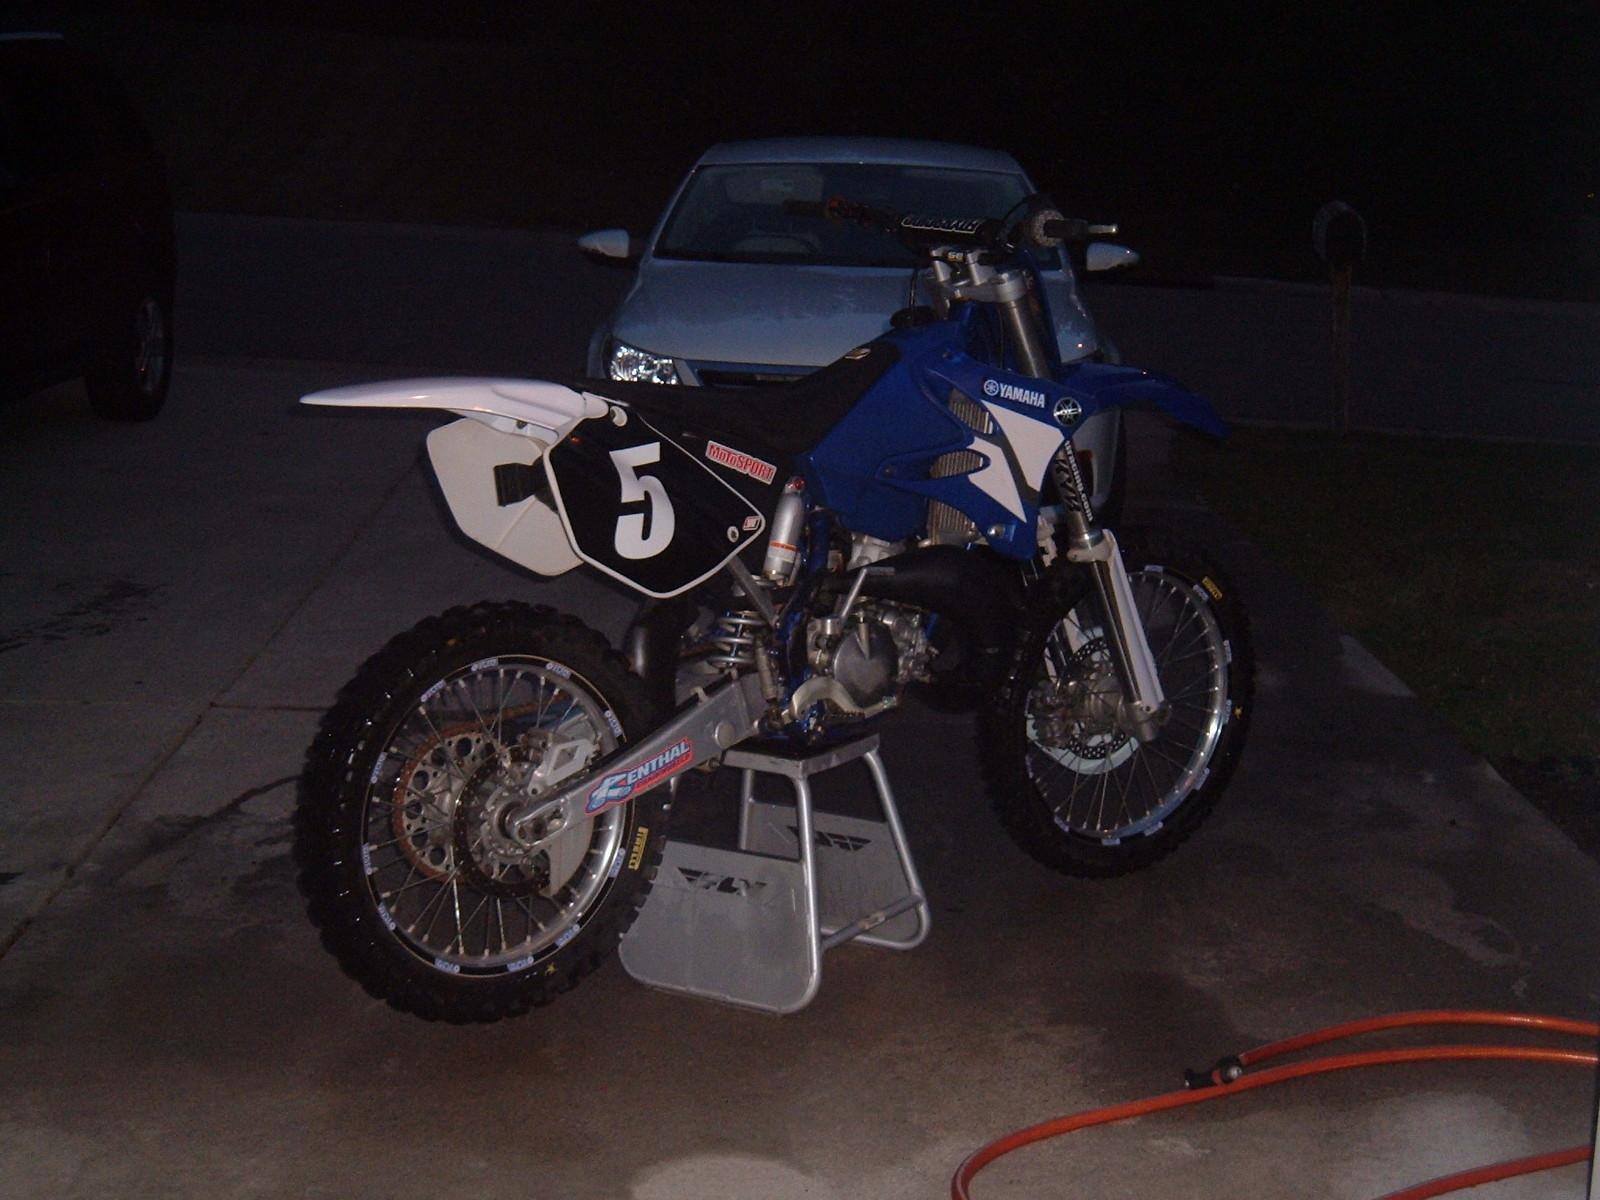 new new 002 - antonio.dobson - Motocross Pictures - Vital MX